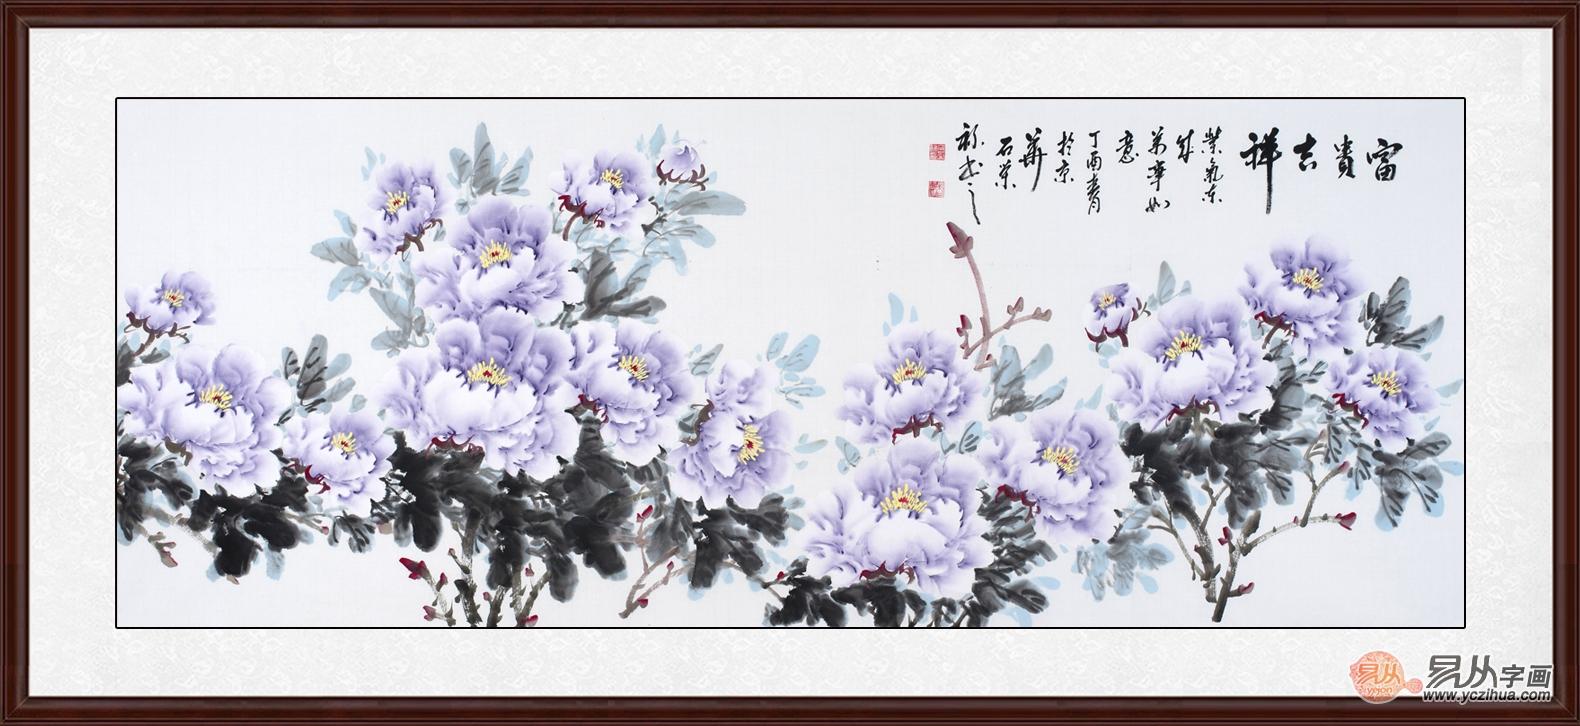 经典的便是永恒的,国画牡丹画才是客厅挂画的经典款式